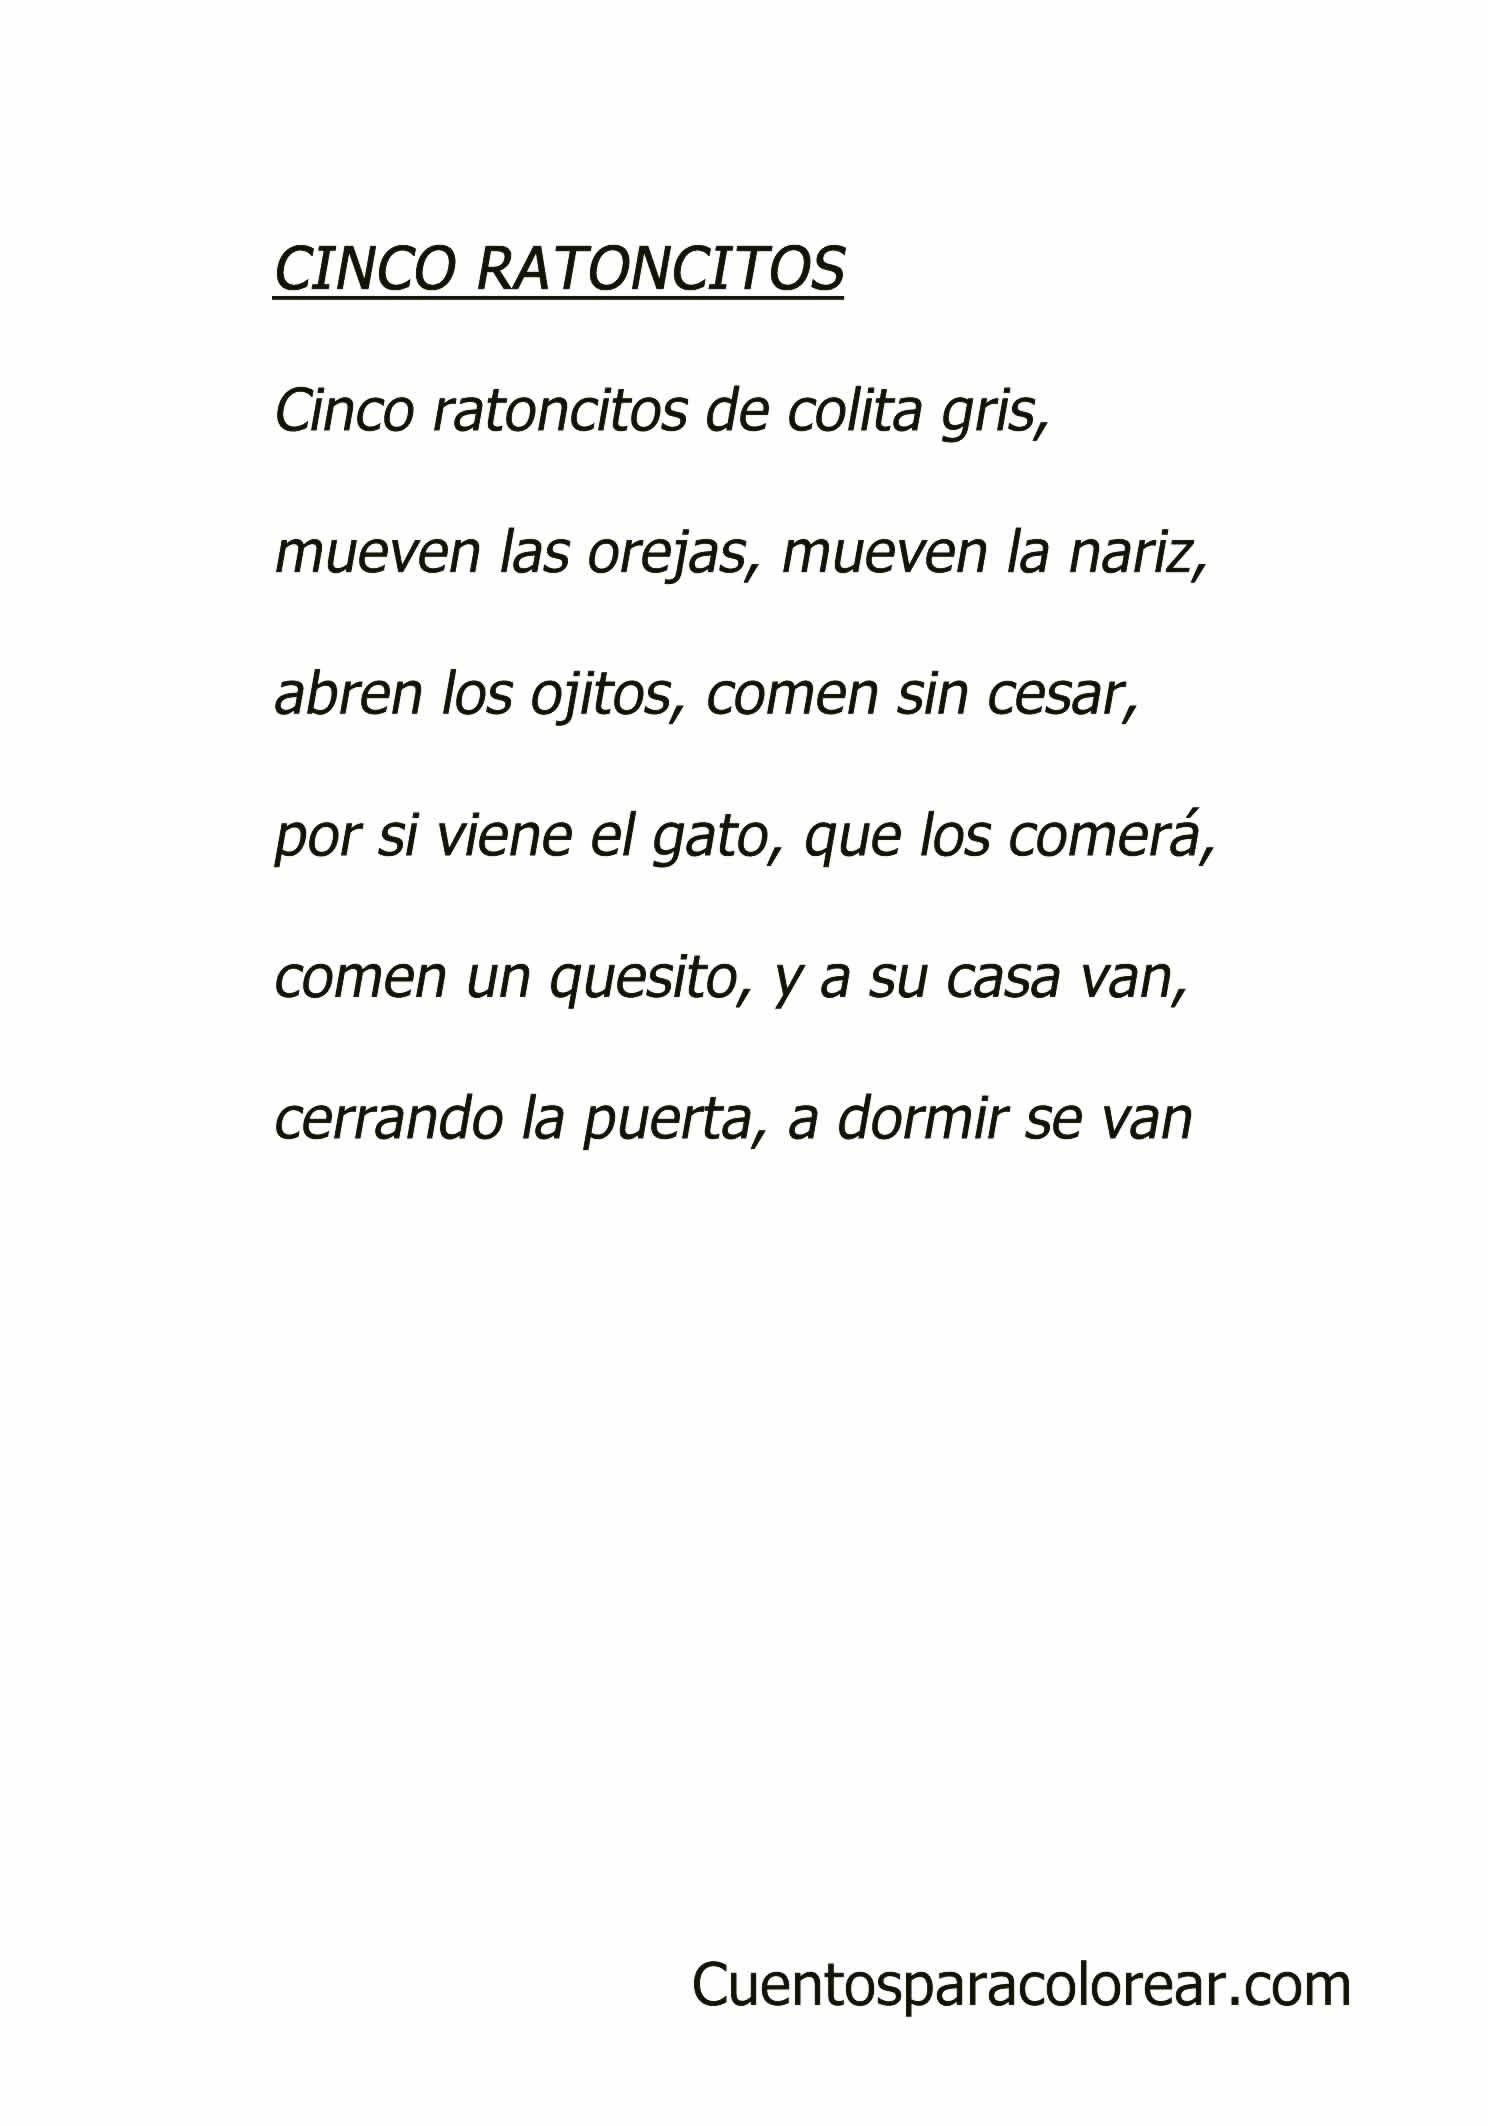 Cinco ratoncitos canciones infantiles - Letras infantiles para puertas ...